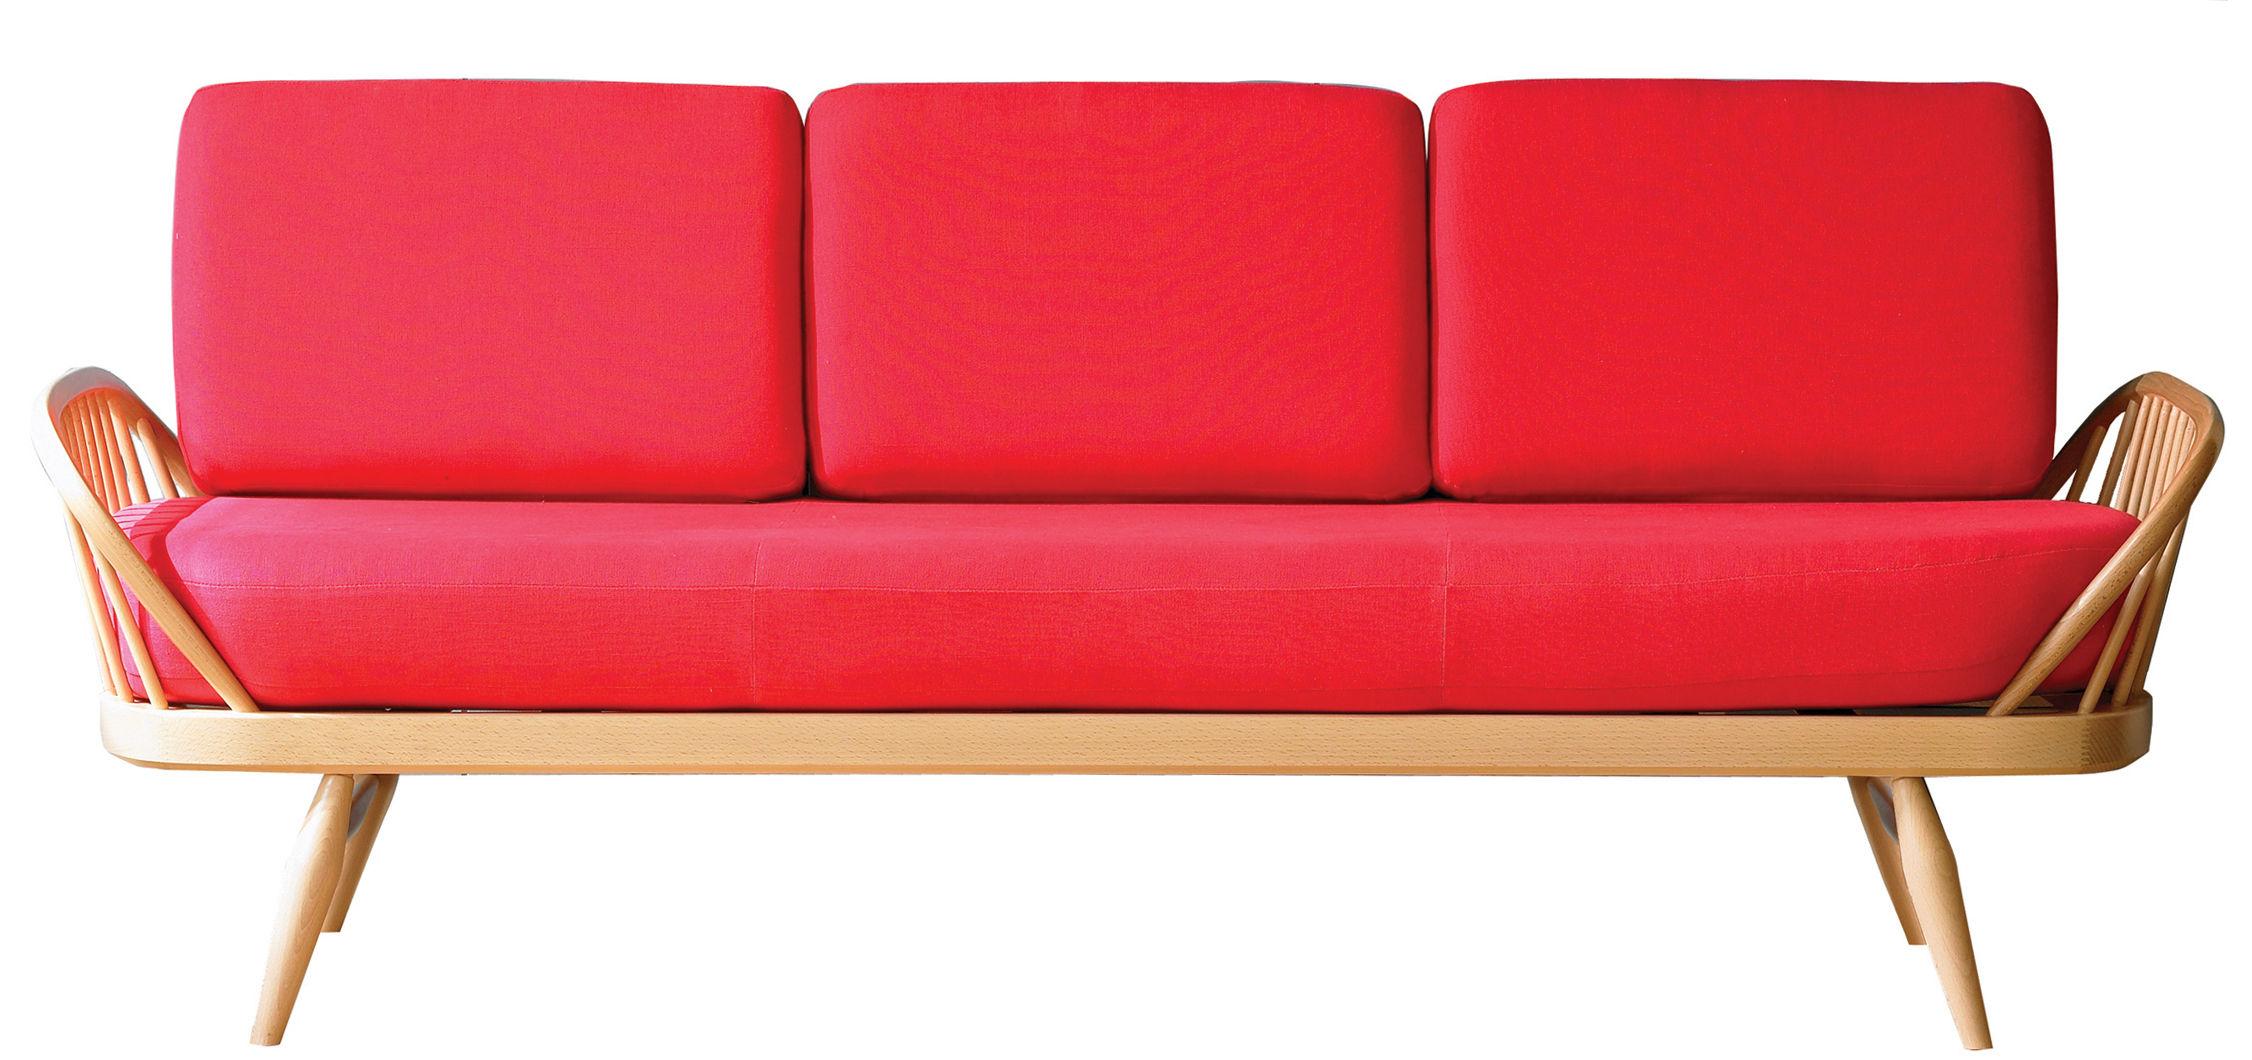 canapé droit studio couch / 3 places - l 206 cm - rééditon 1950